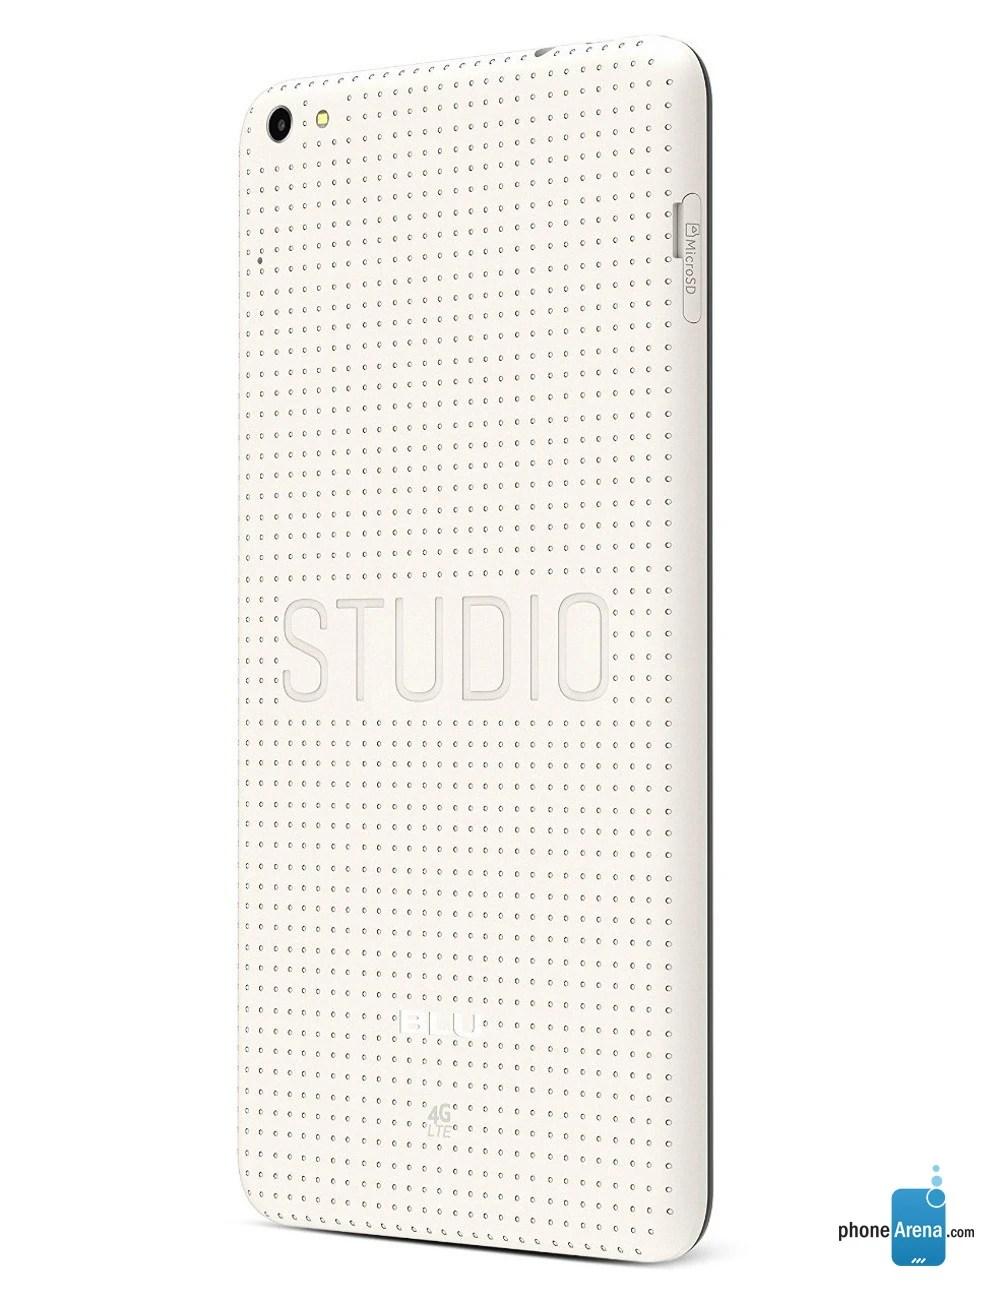 BLU Studio 7.0 LTE full specs